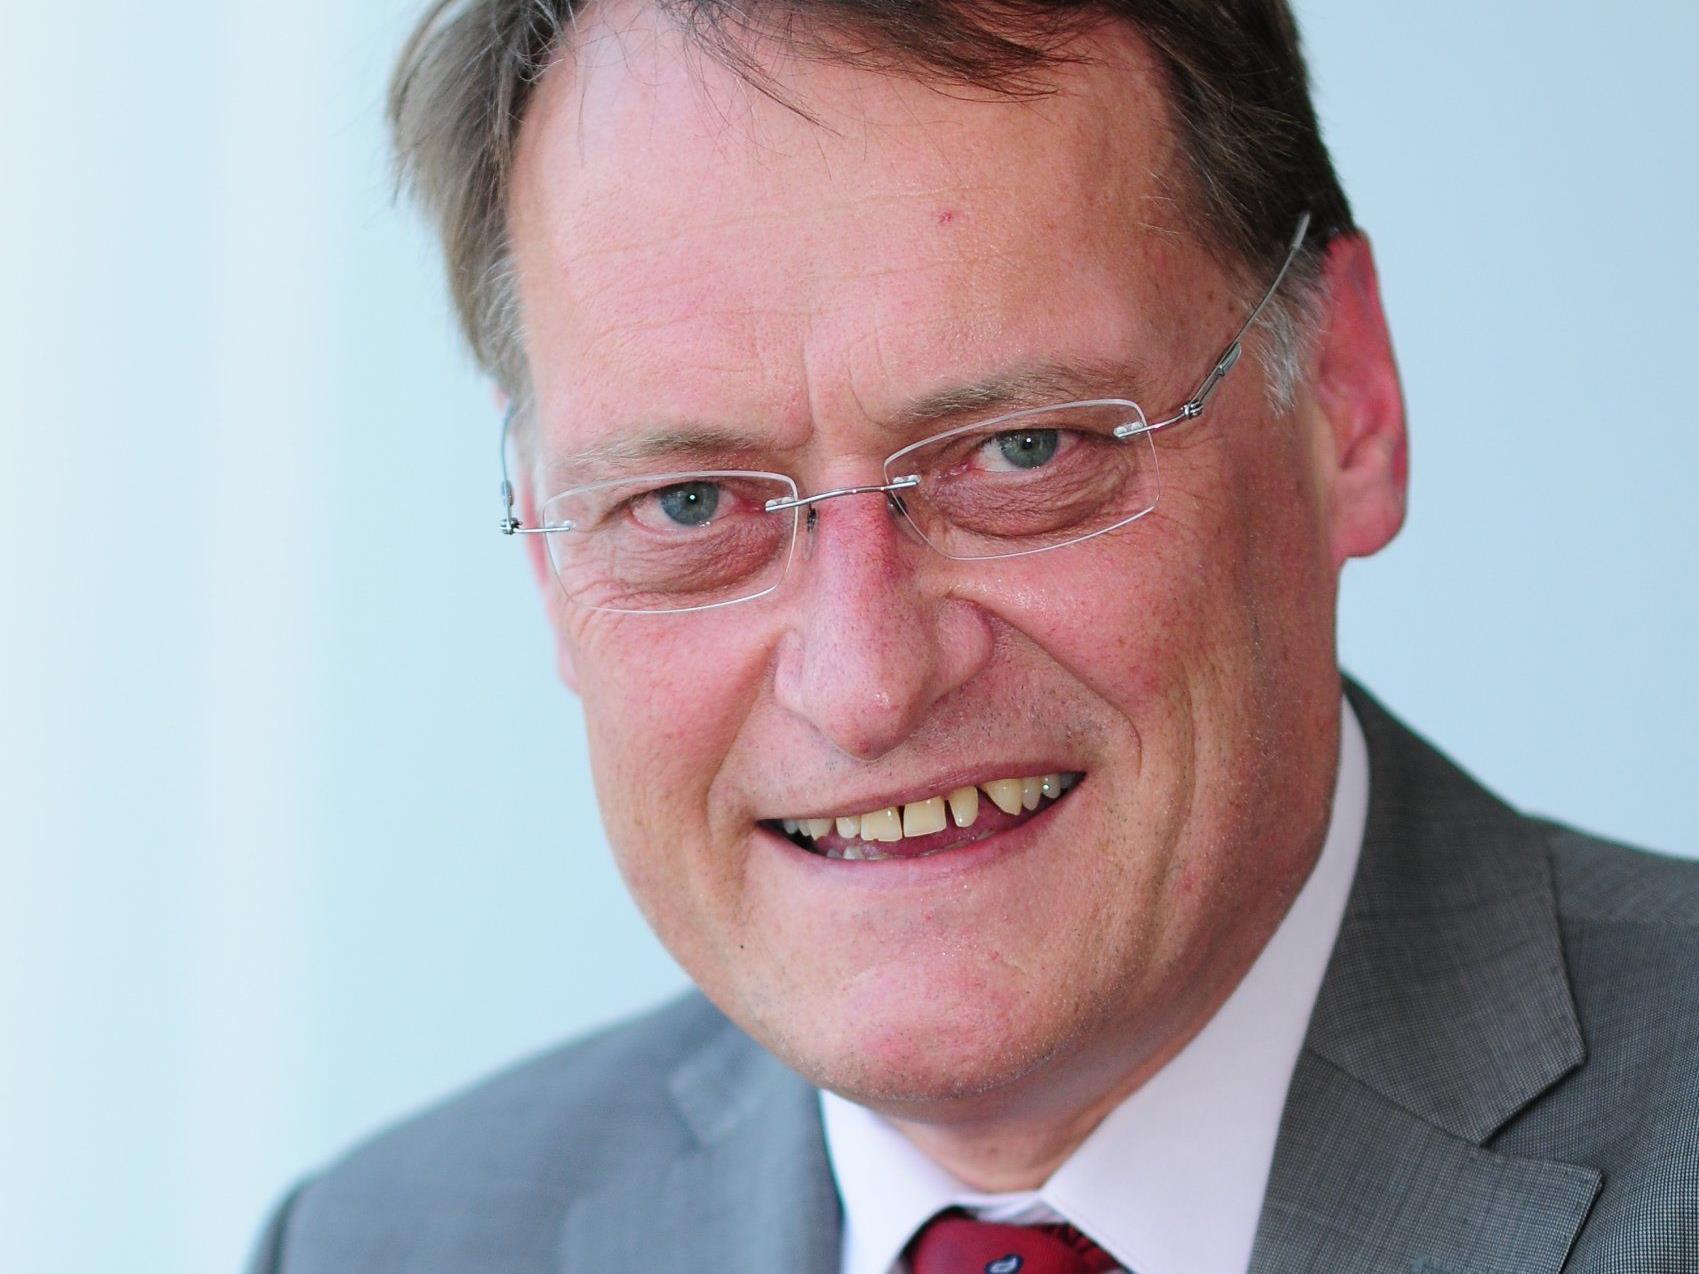 Für FPÖ-Verkehrssprecher, LTVP Ernst Hagen, ist die Beantwortung seiner Anfrage zur Lösung der Verkehrsprobleme im Rheintal durch ÖVP-LR Rüdisser ernüchternd.